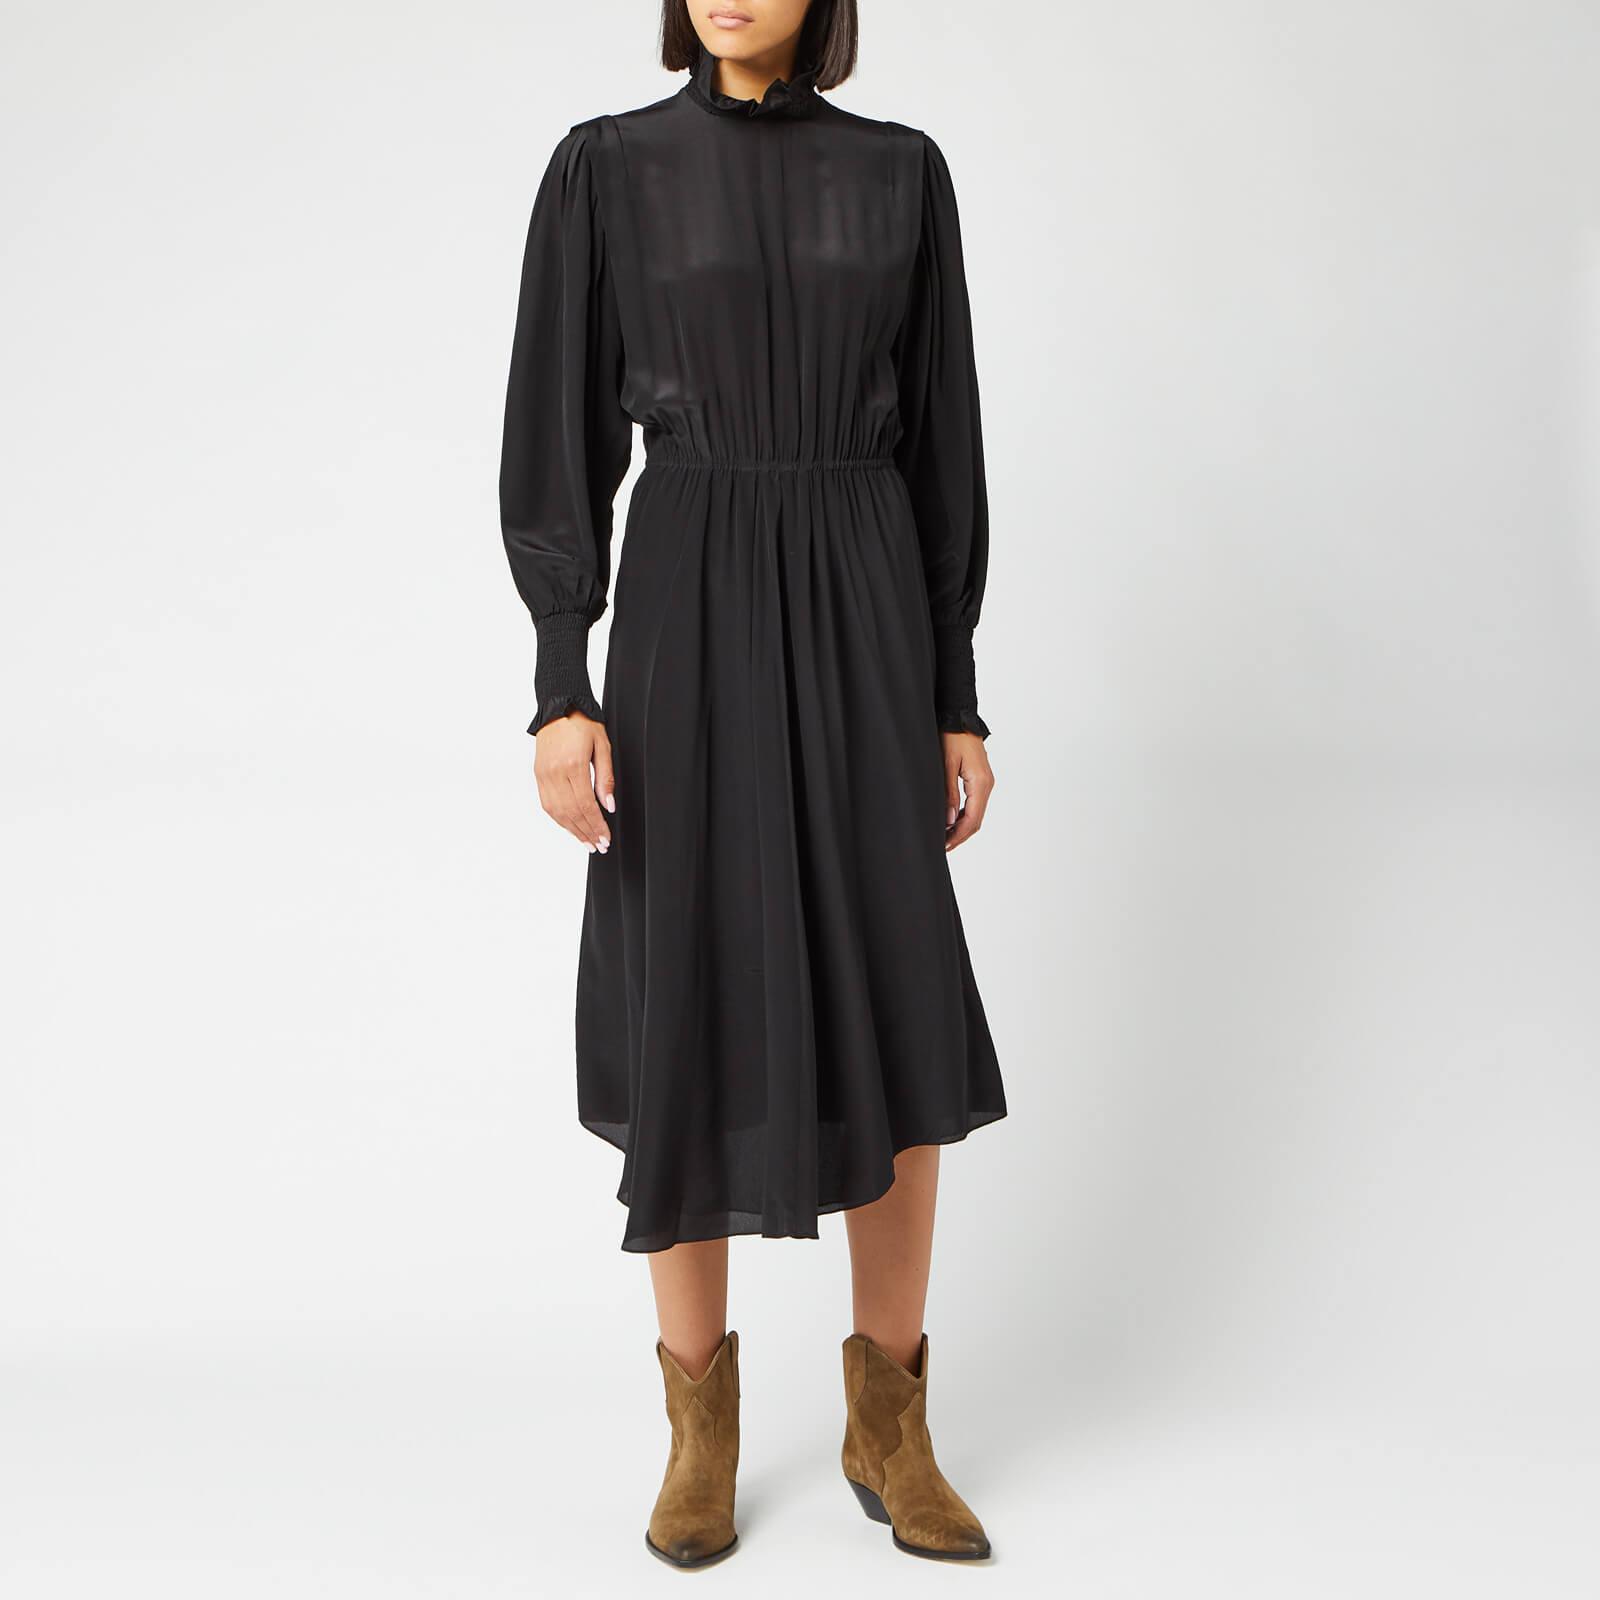 Isabel Marant Étoile Women's Yescott Dress - Black - FR 36/UK 8 - Black